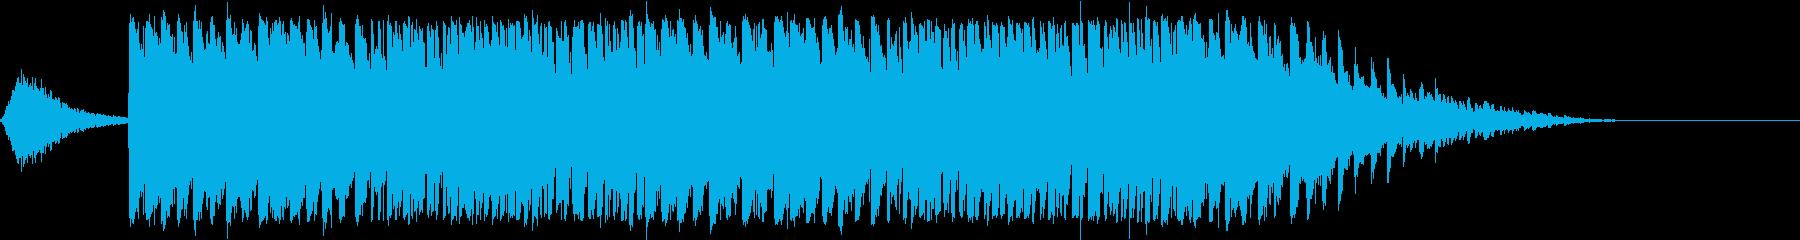 テーマパークの雰囲気の再生済みの波形